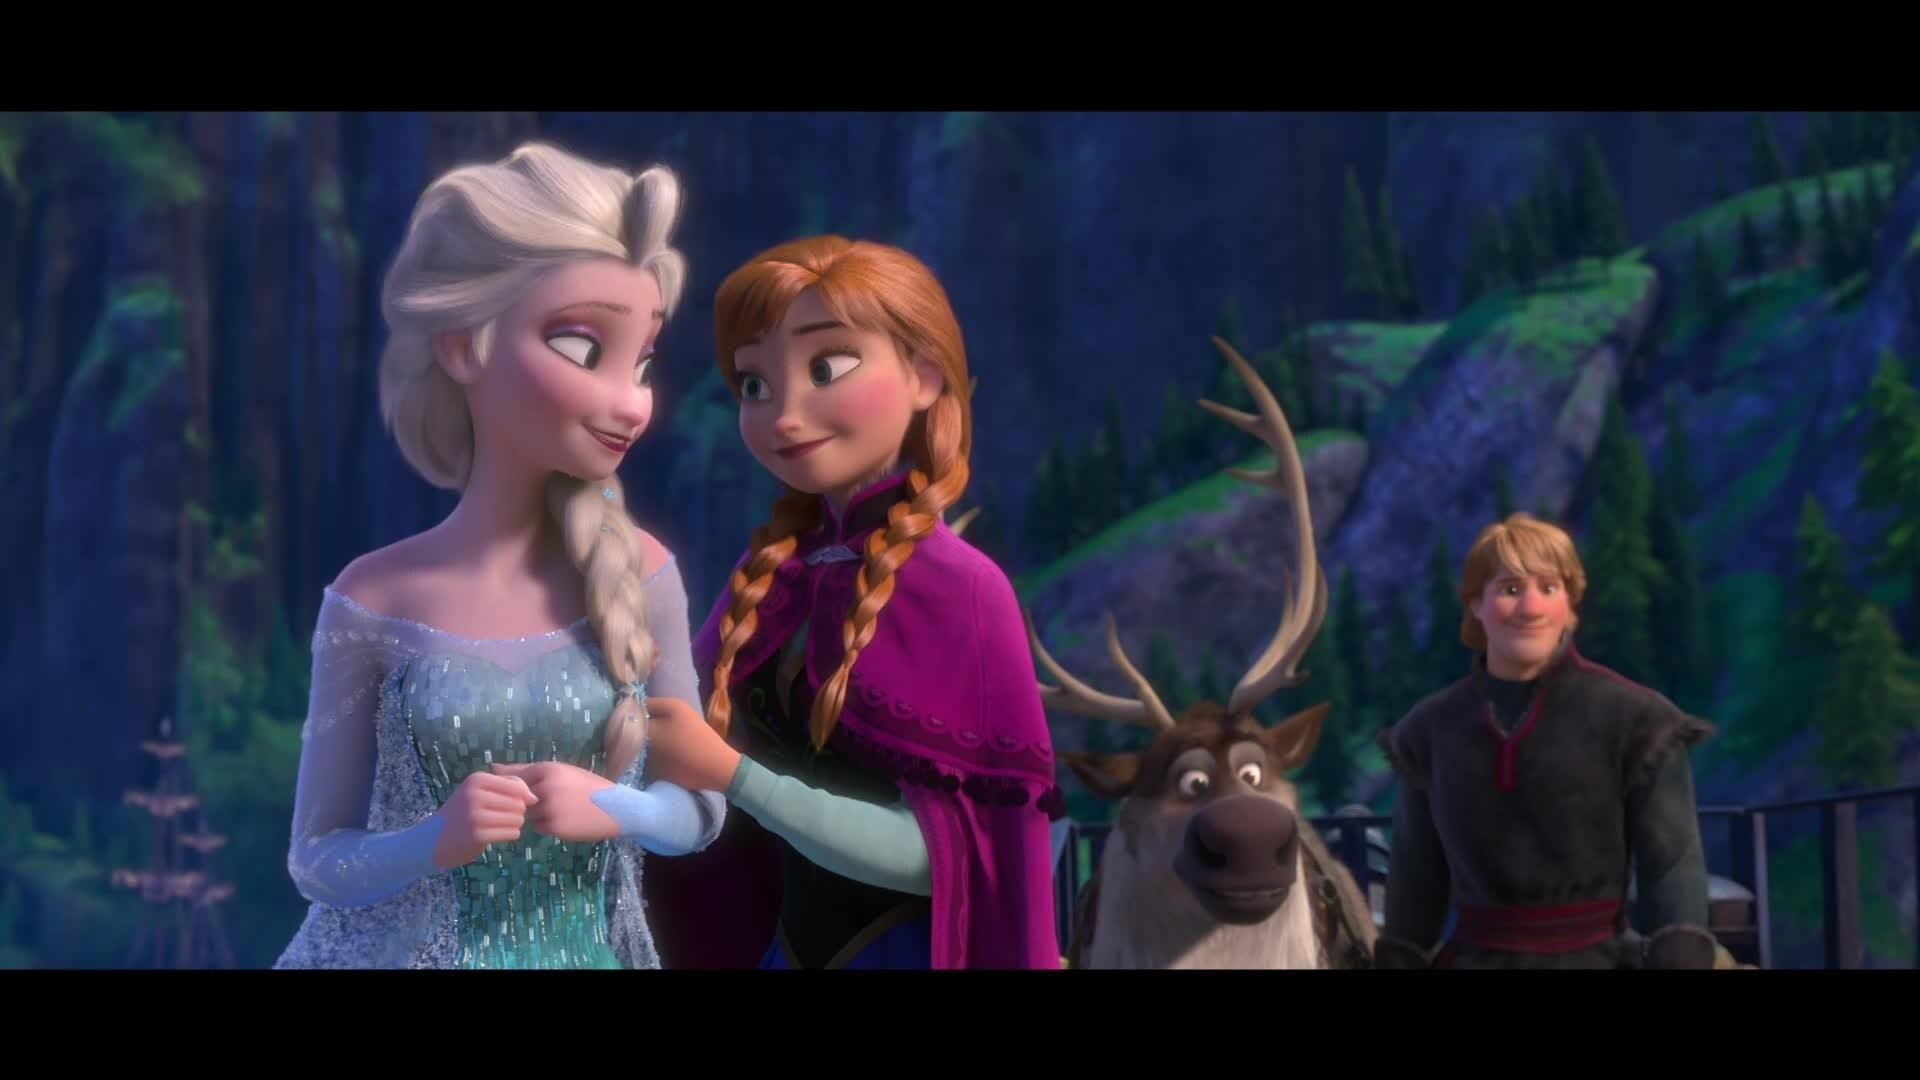 Die Eiskönigin - Fröhliche Feiertage mit der Familie und ein glückliches neus Jahr